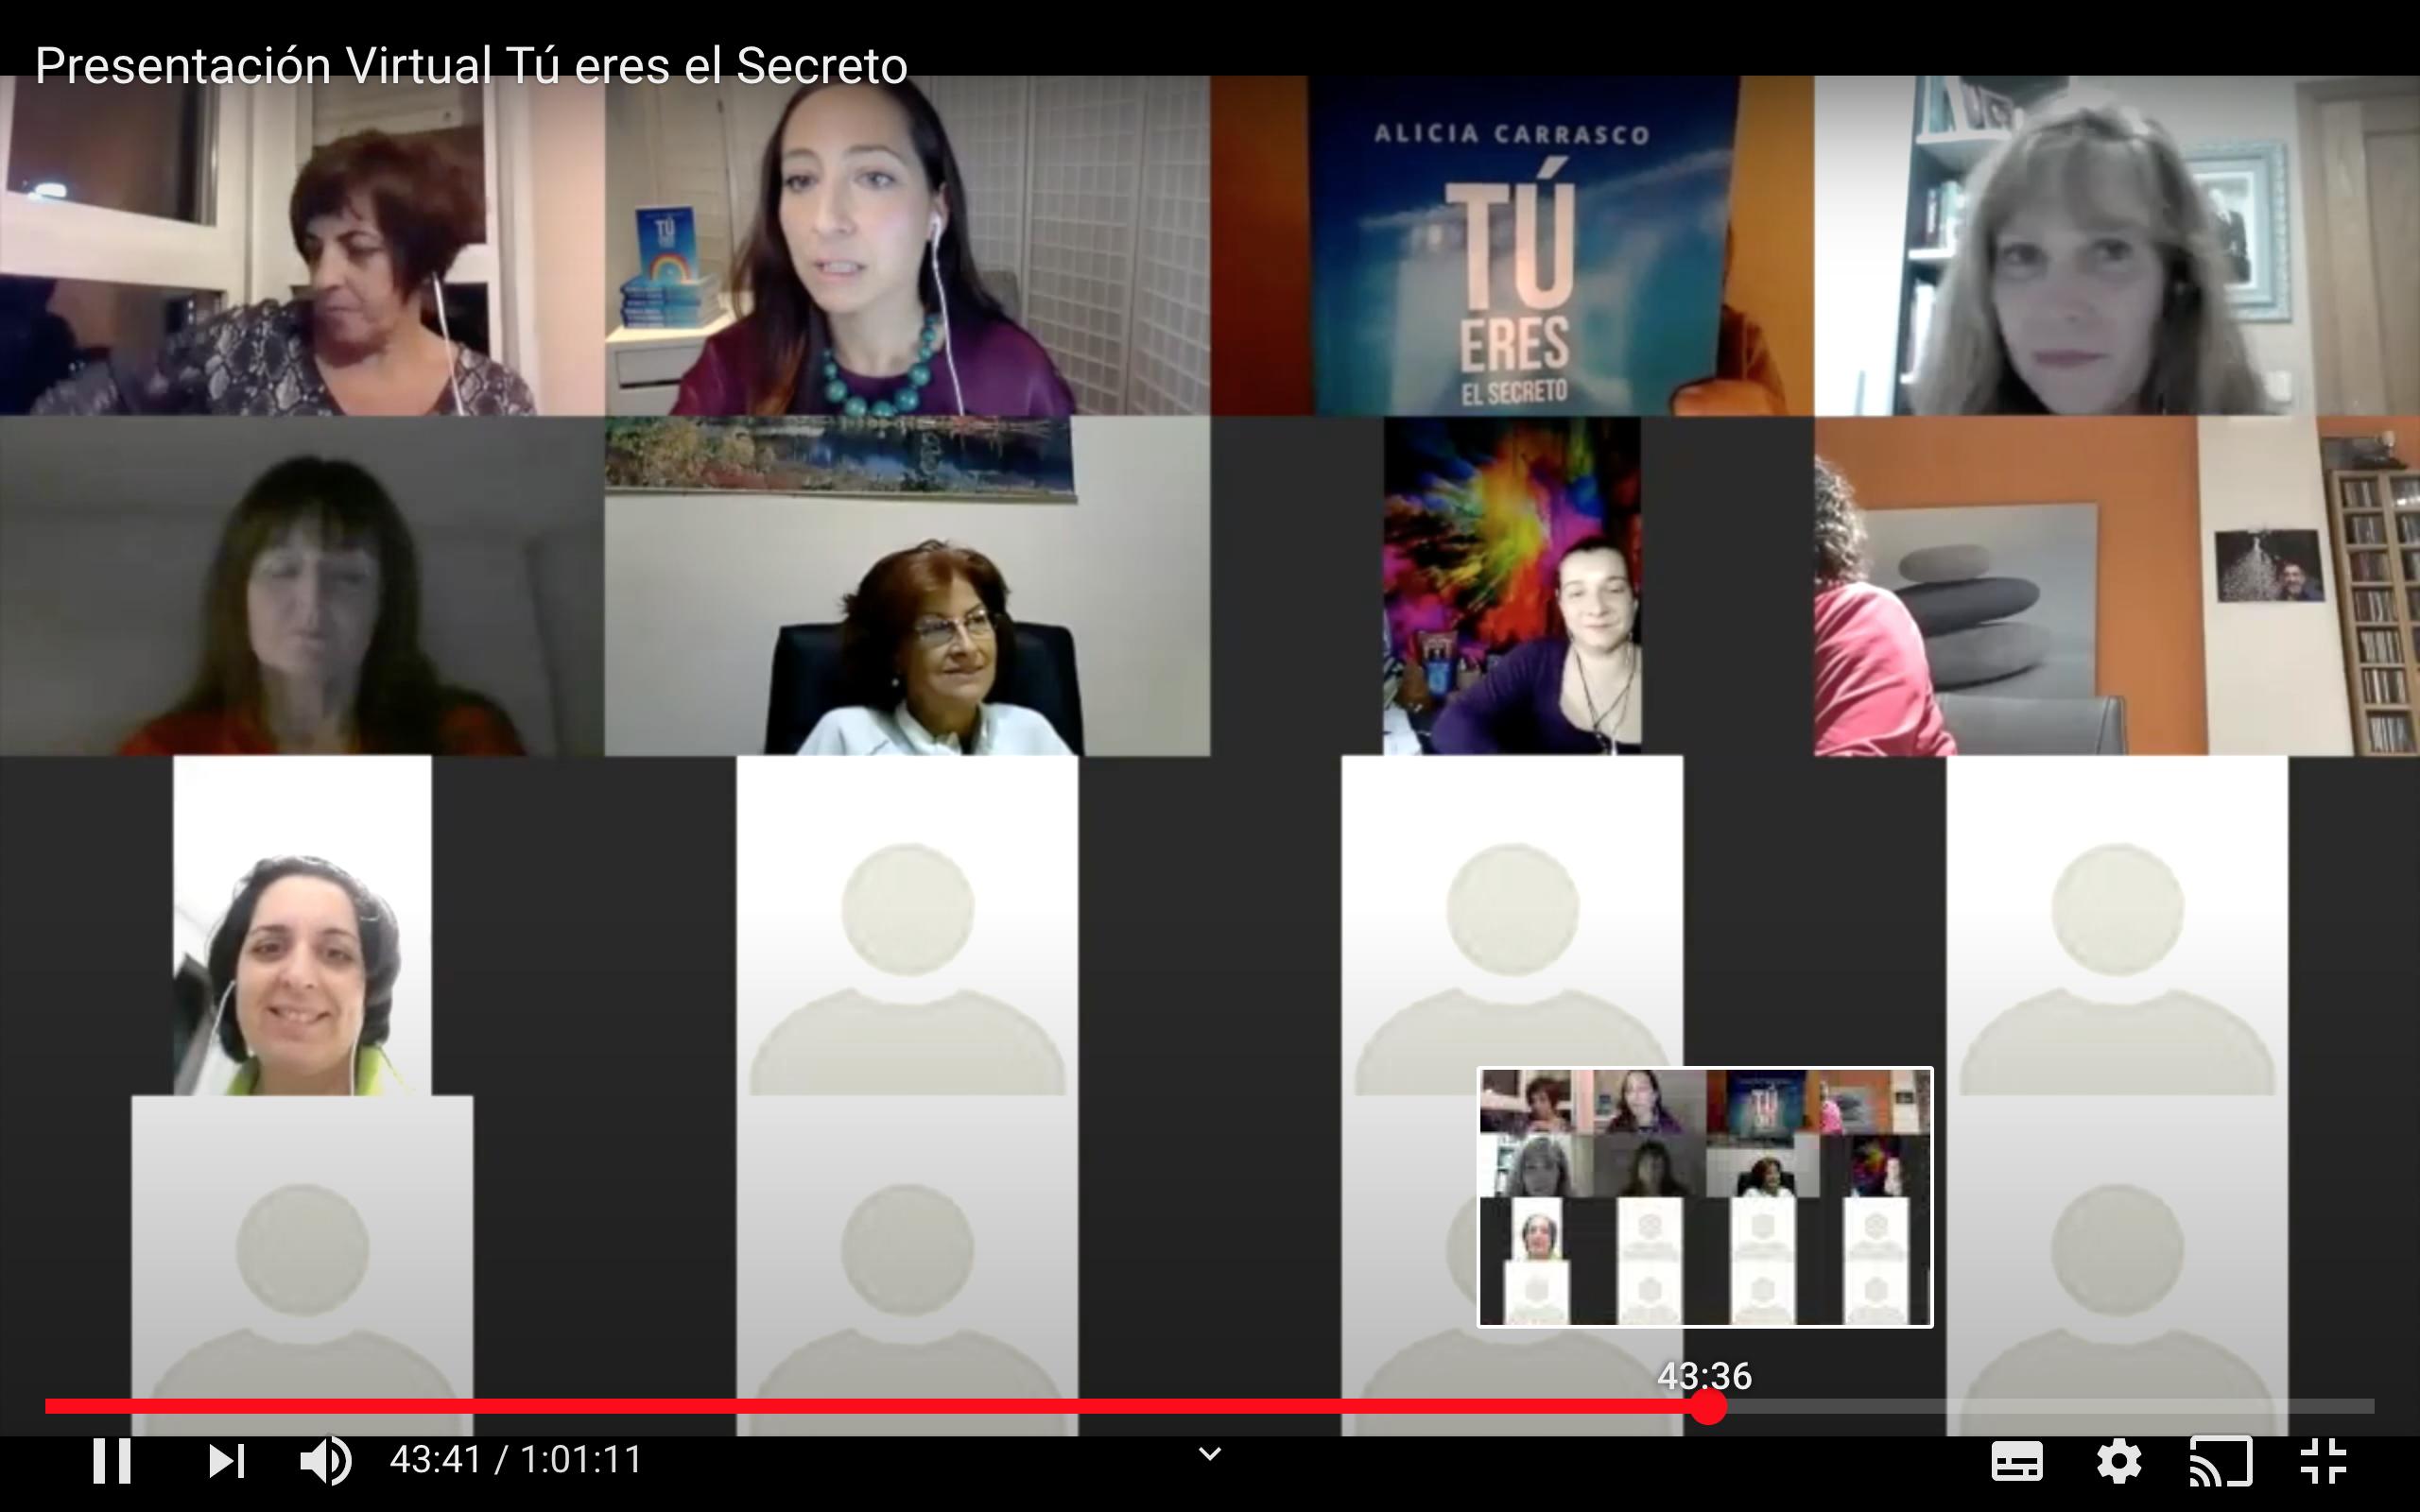 Captura de pantalla 2020-10-27 a las 11.14.11